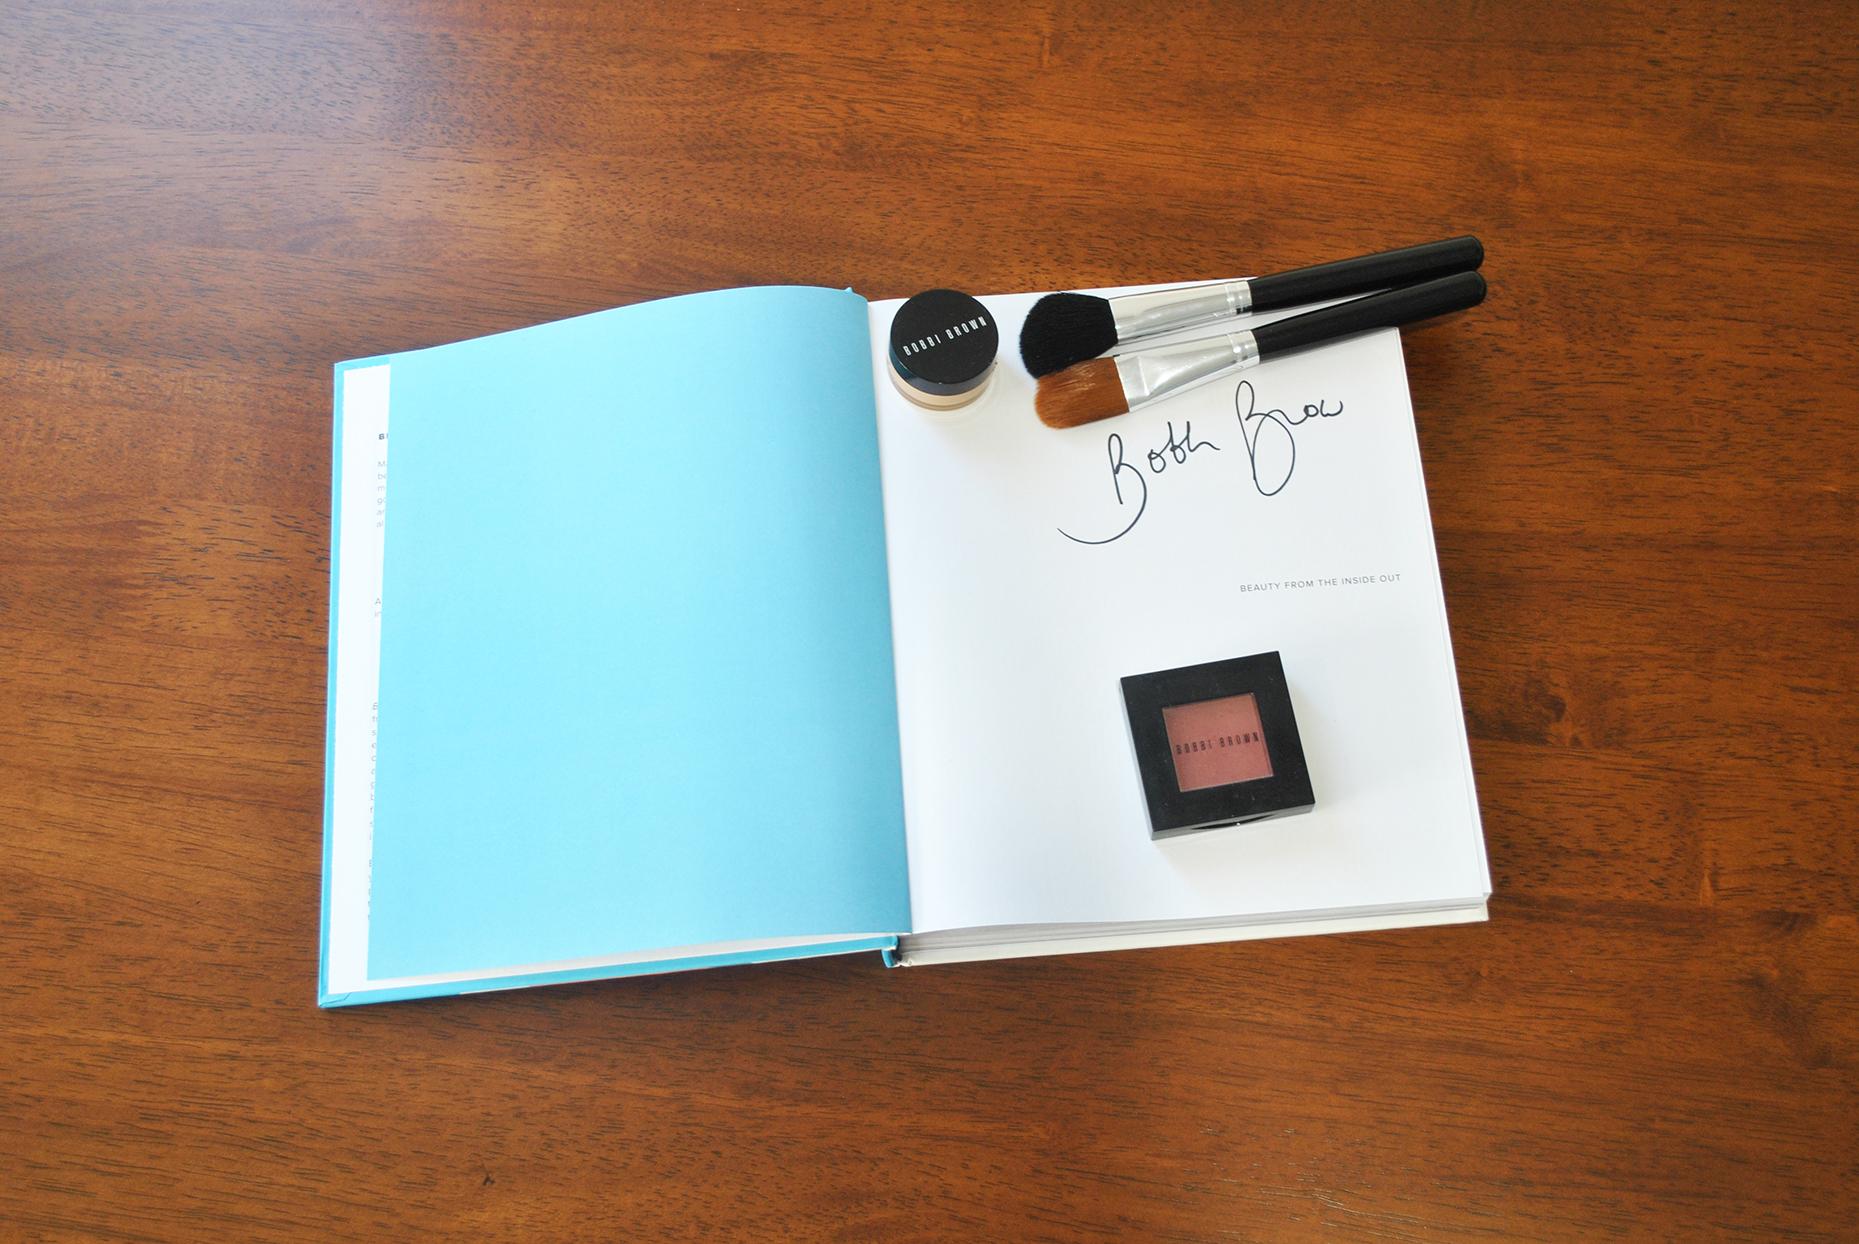 Signed Bobbi Brown Book